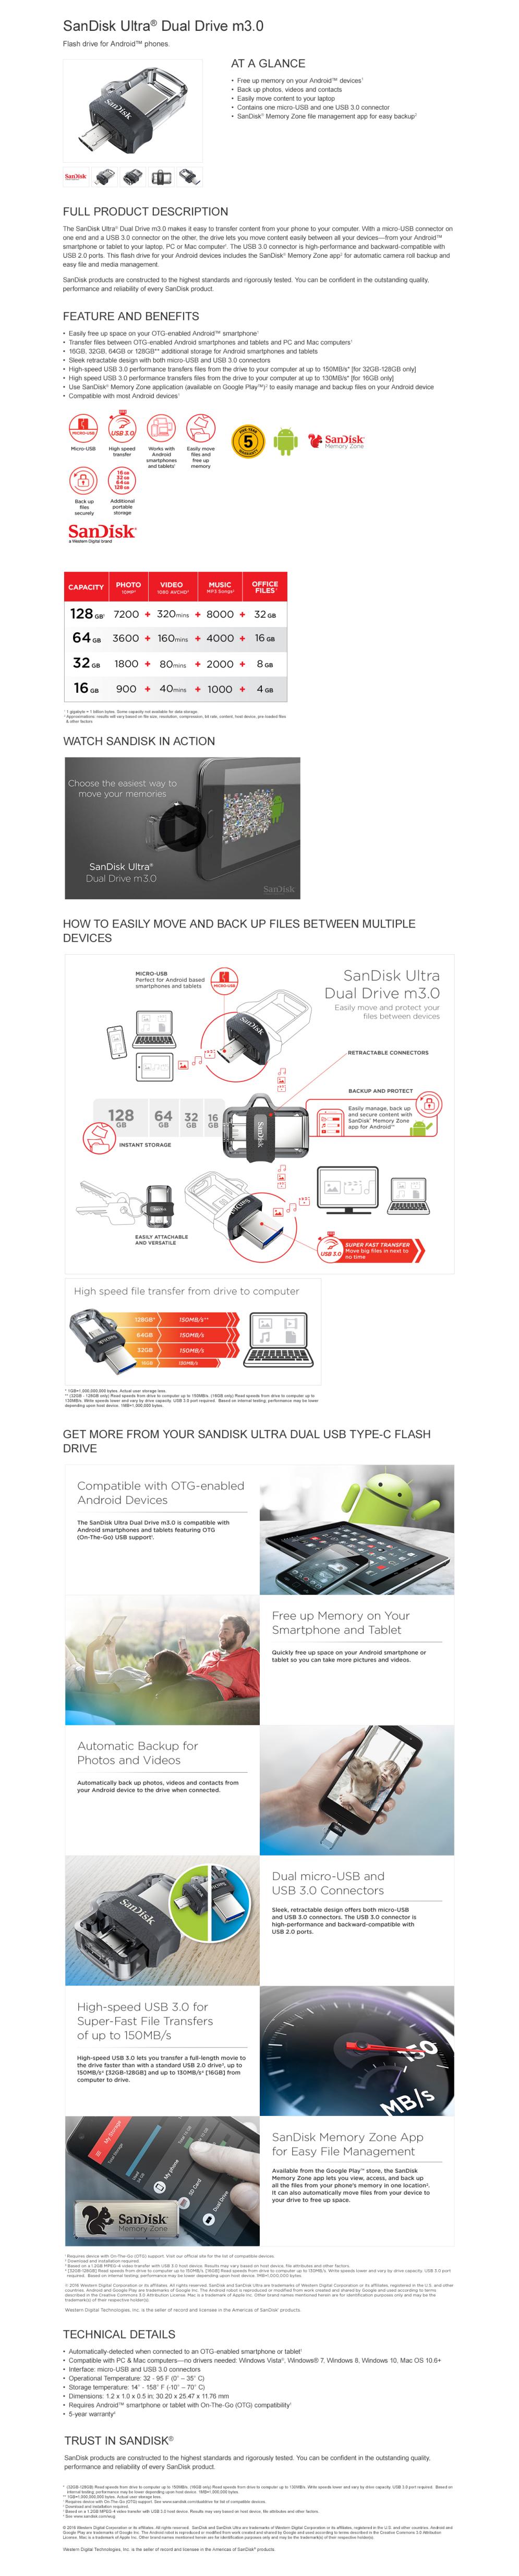 Data Storage Usb Thumb Drives Sandisk Ultra Dual Drive M30 Flash Disk 32gb Flashdisk Otg 32 Gb Overview